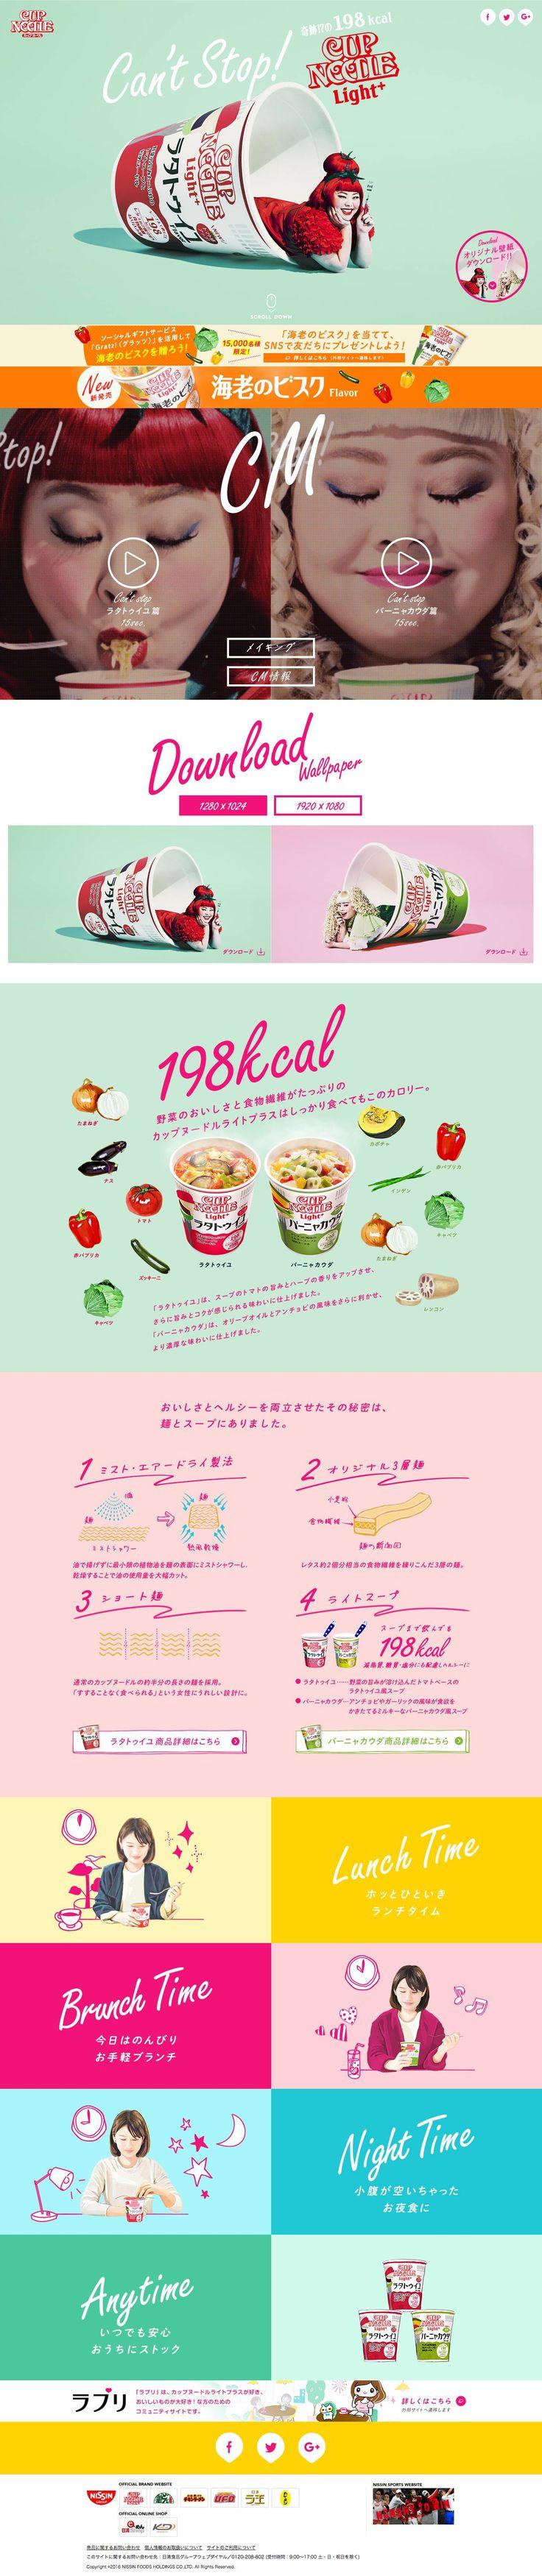 http://www.cupnoodle.jp/lightplus/